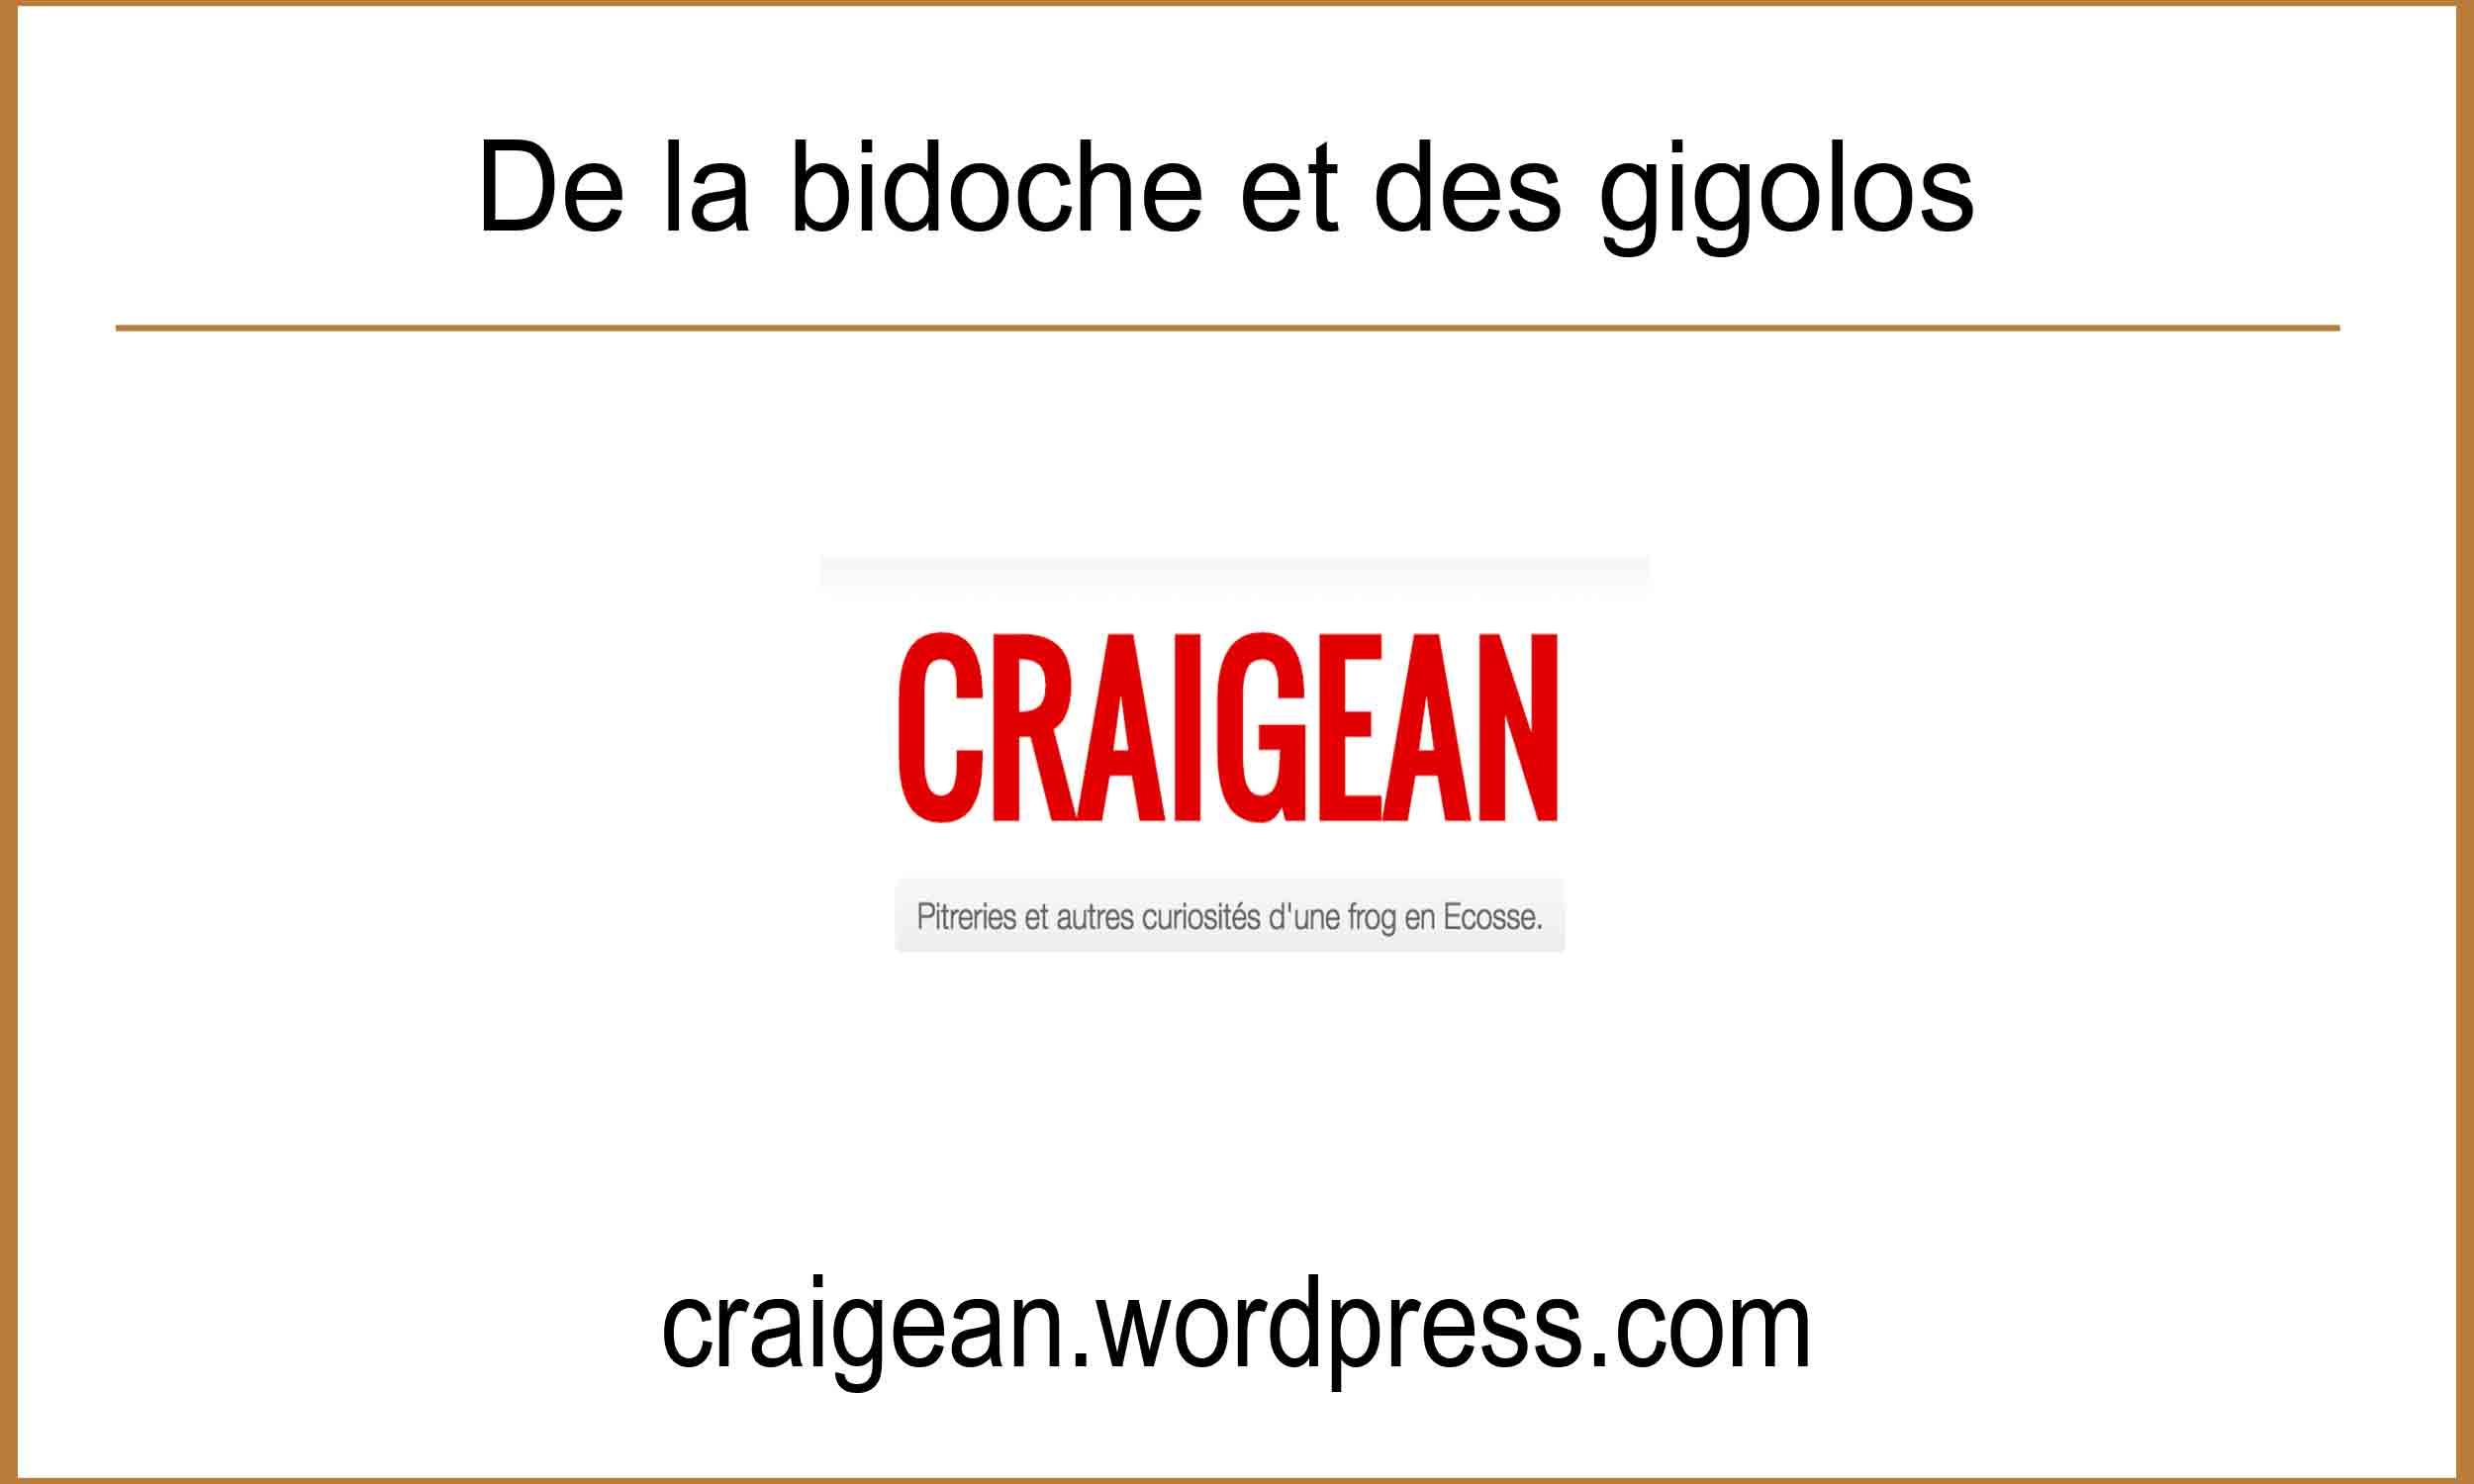 craigean